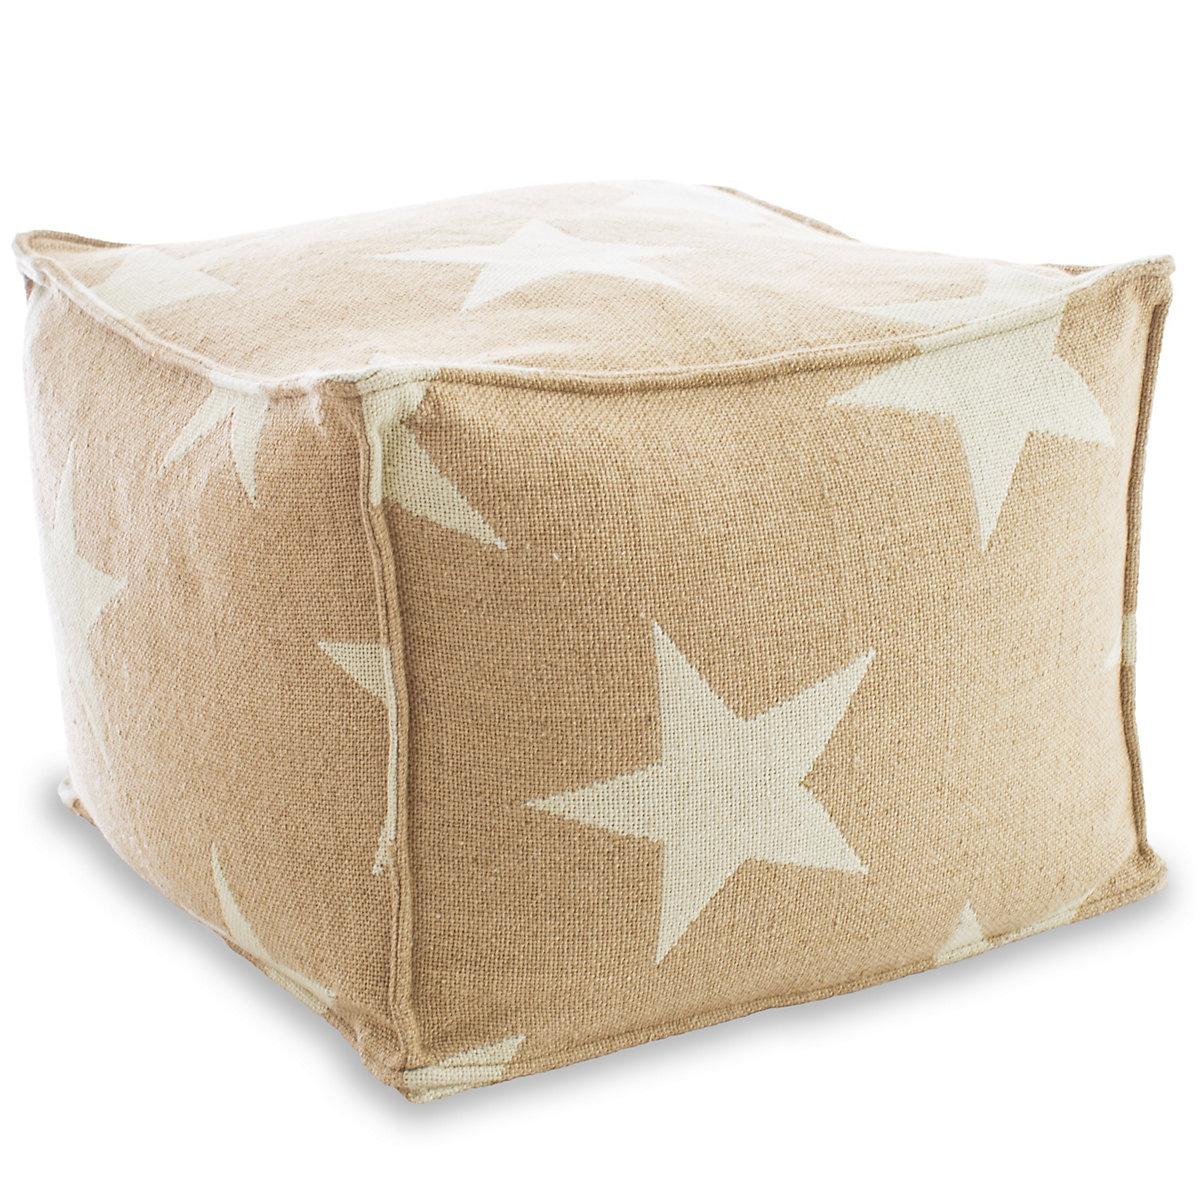 star camelivory pouf